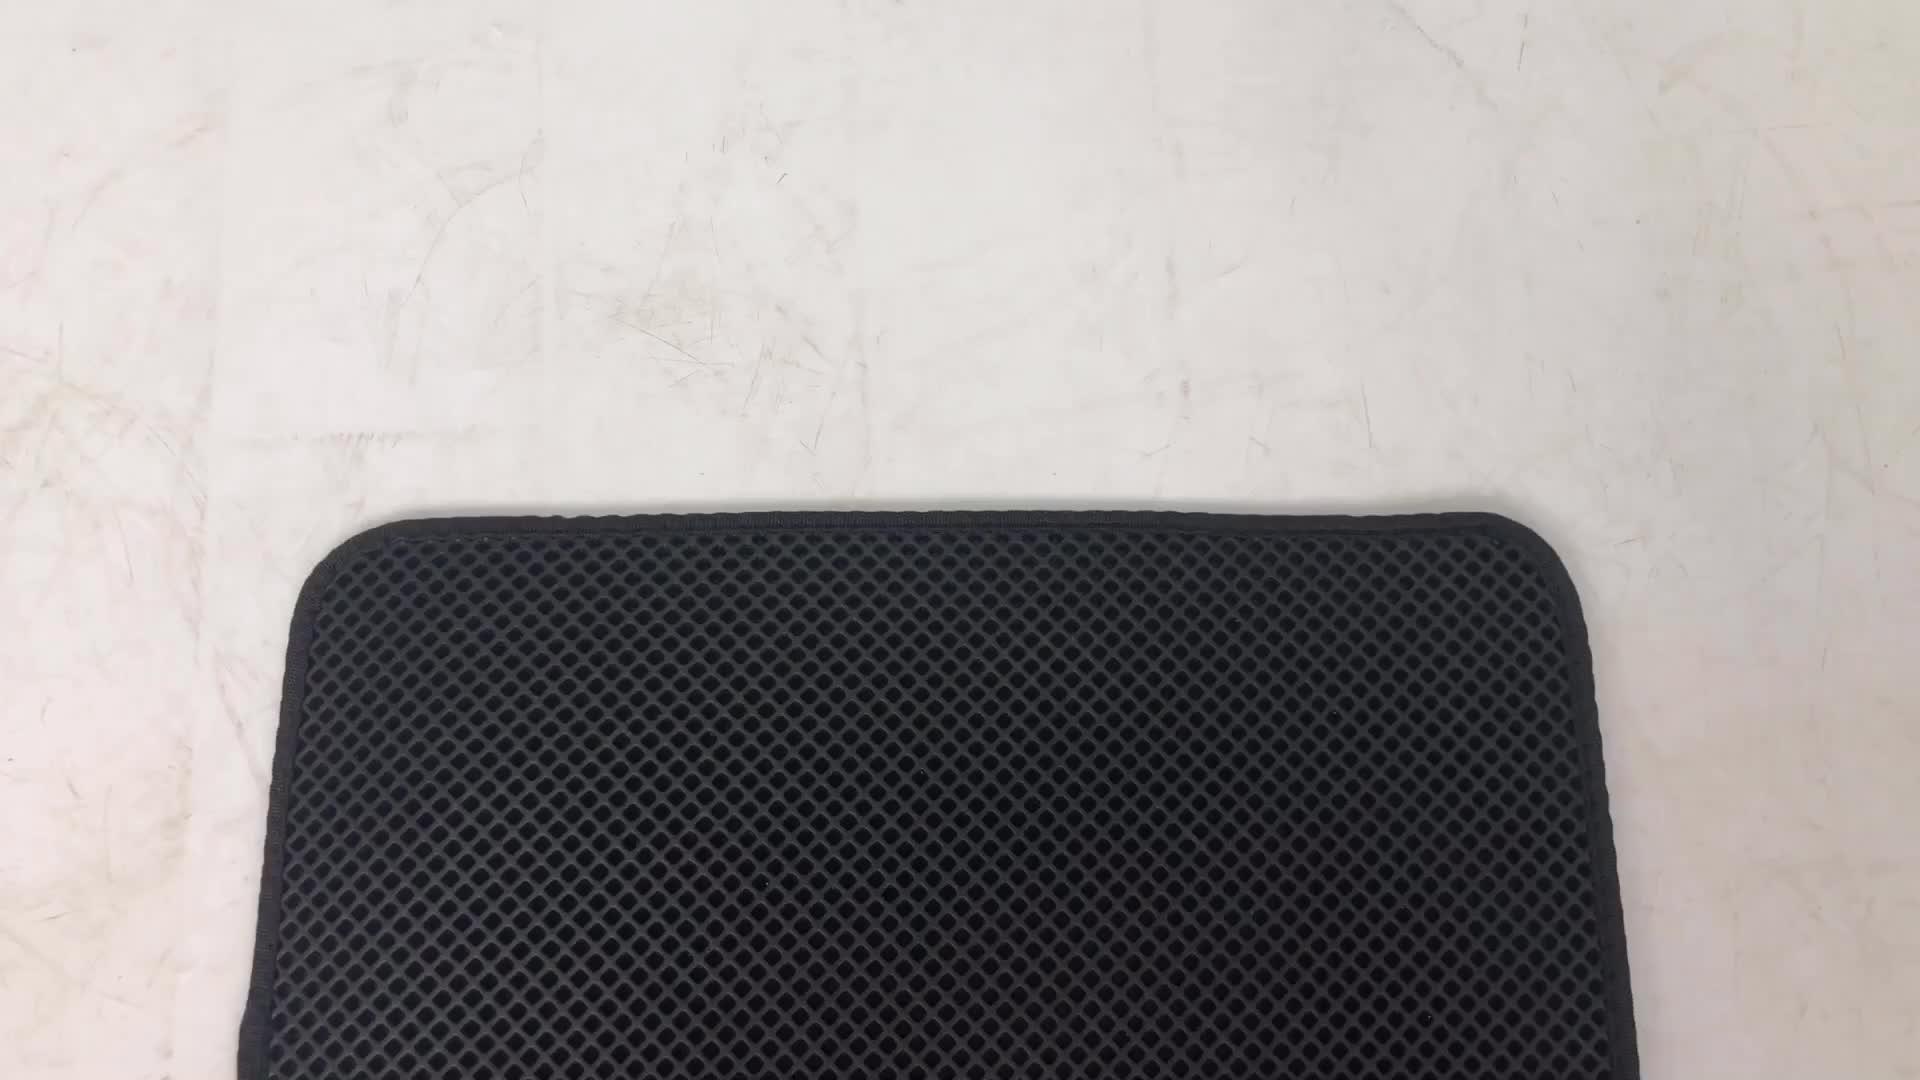 Mydays カスタム Eva 二重層猫砂トラッパーマットを保護するための床とカーペット